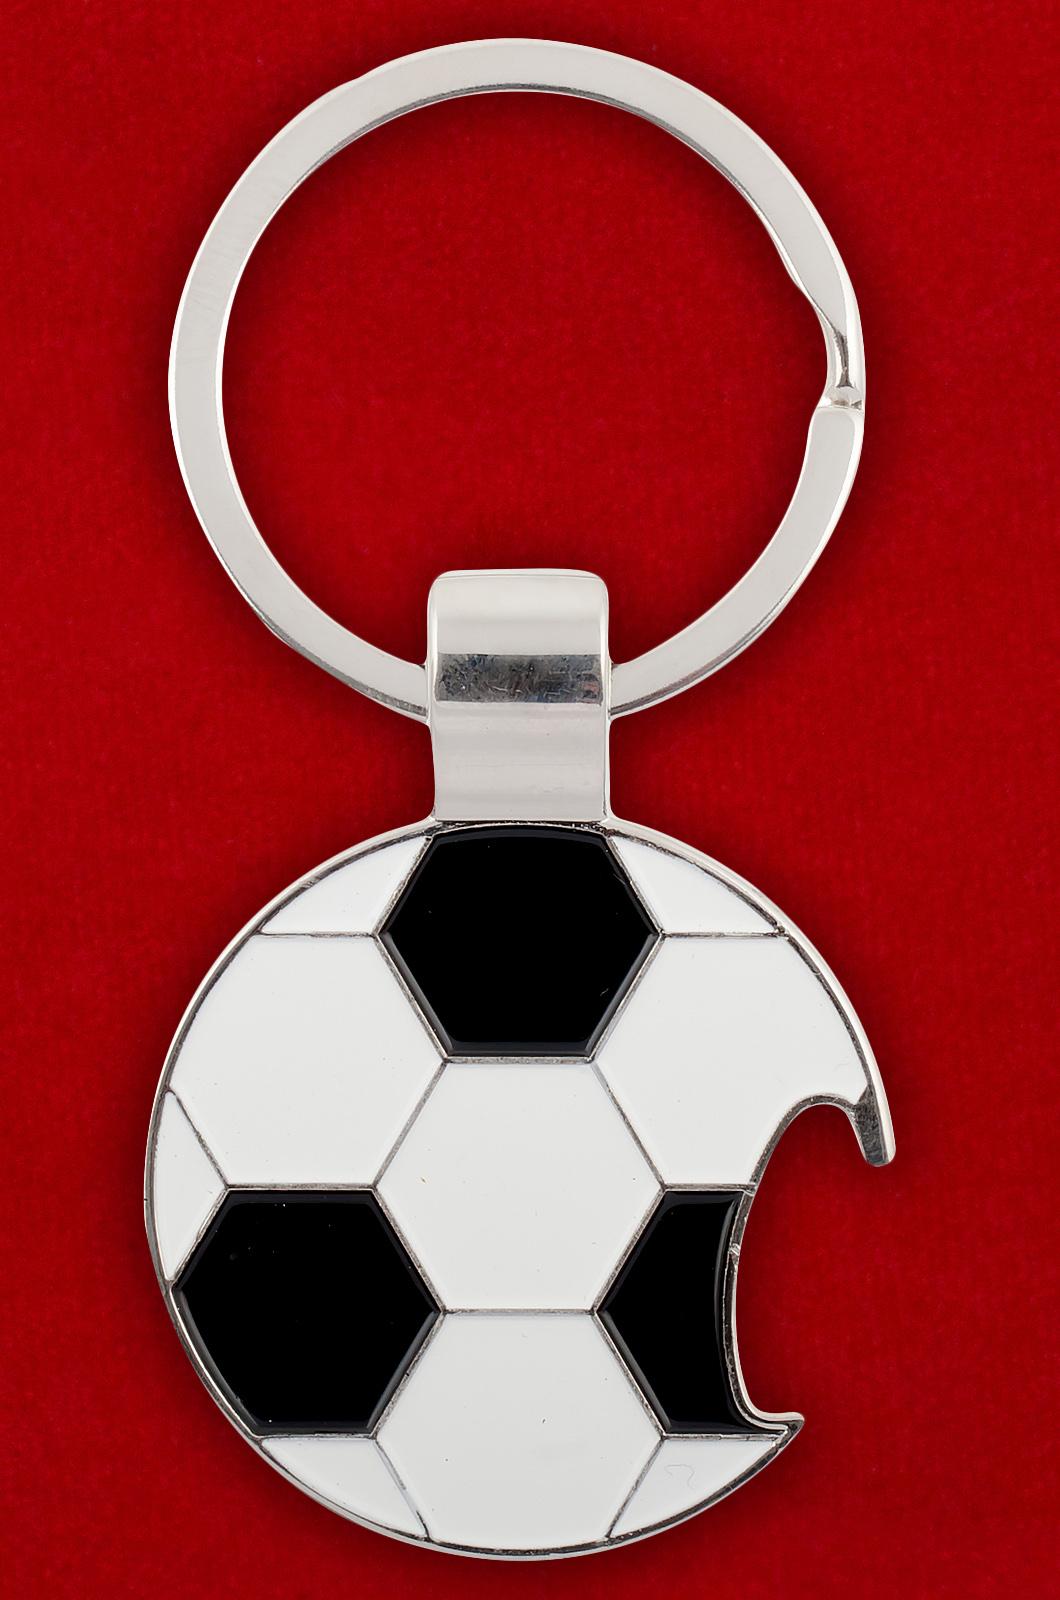 Футбольные и прикольные брелки для ключей